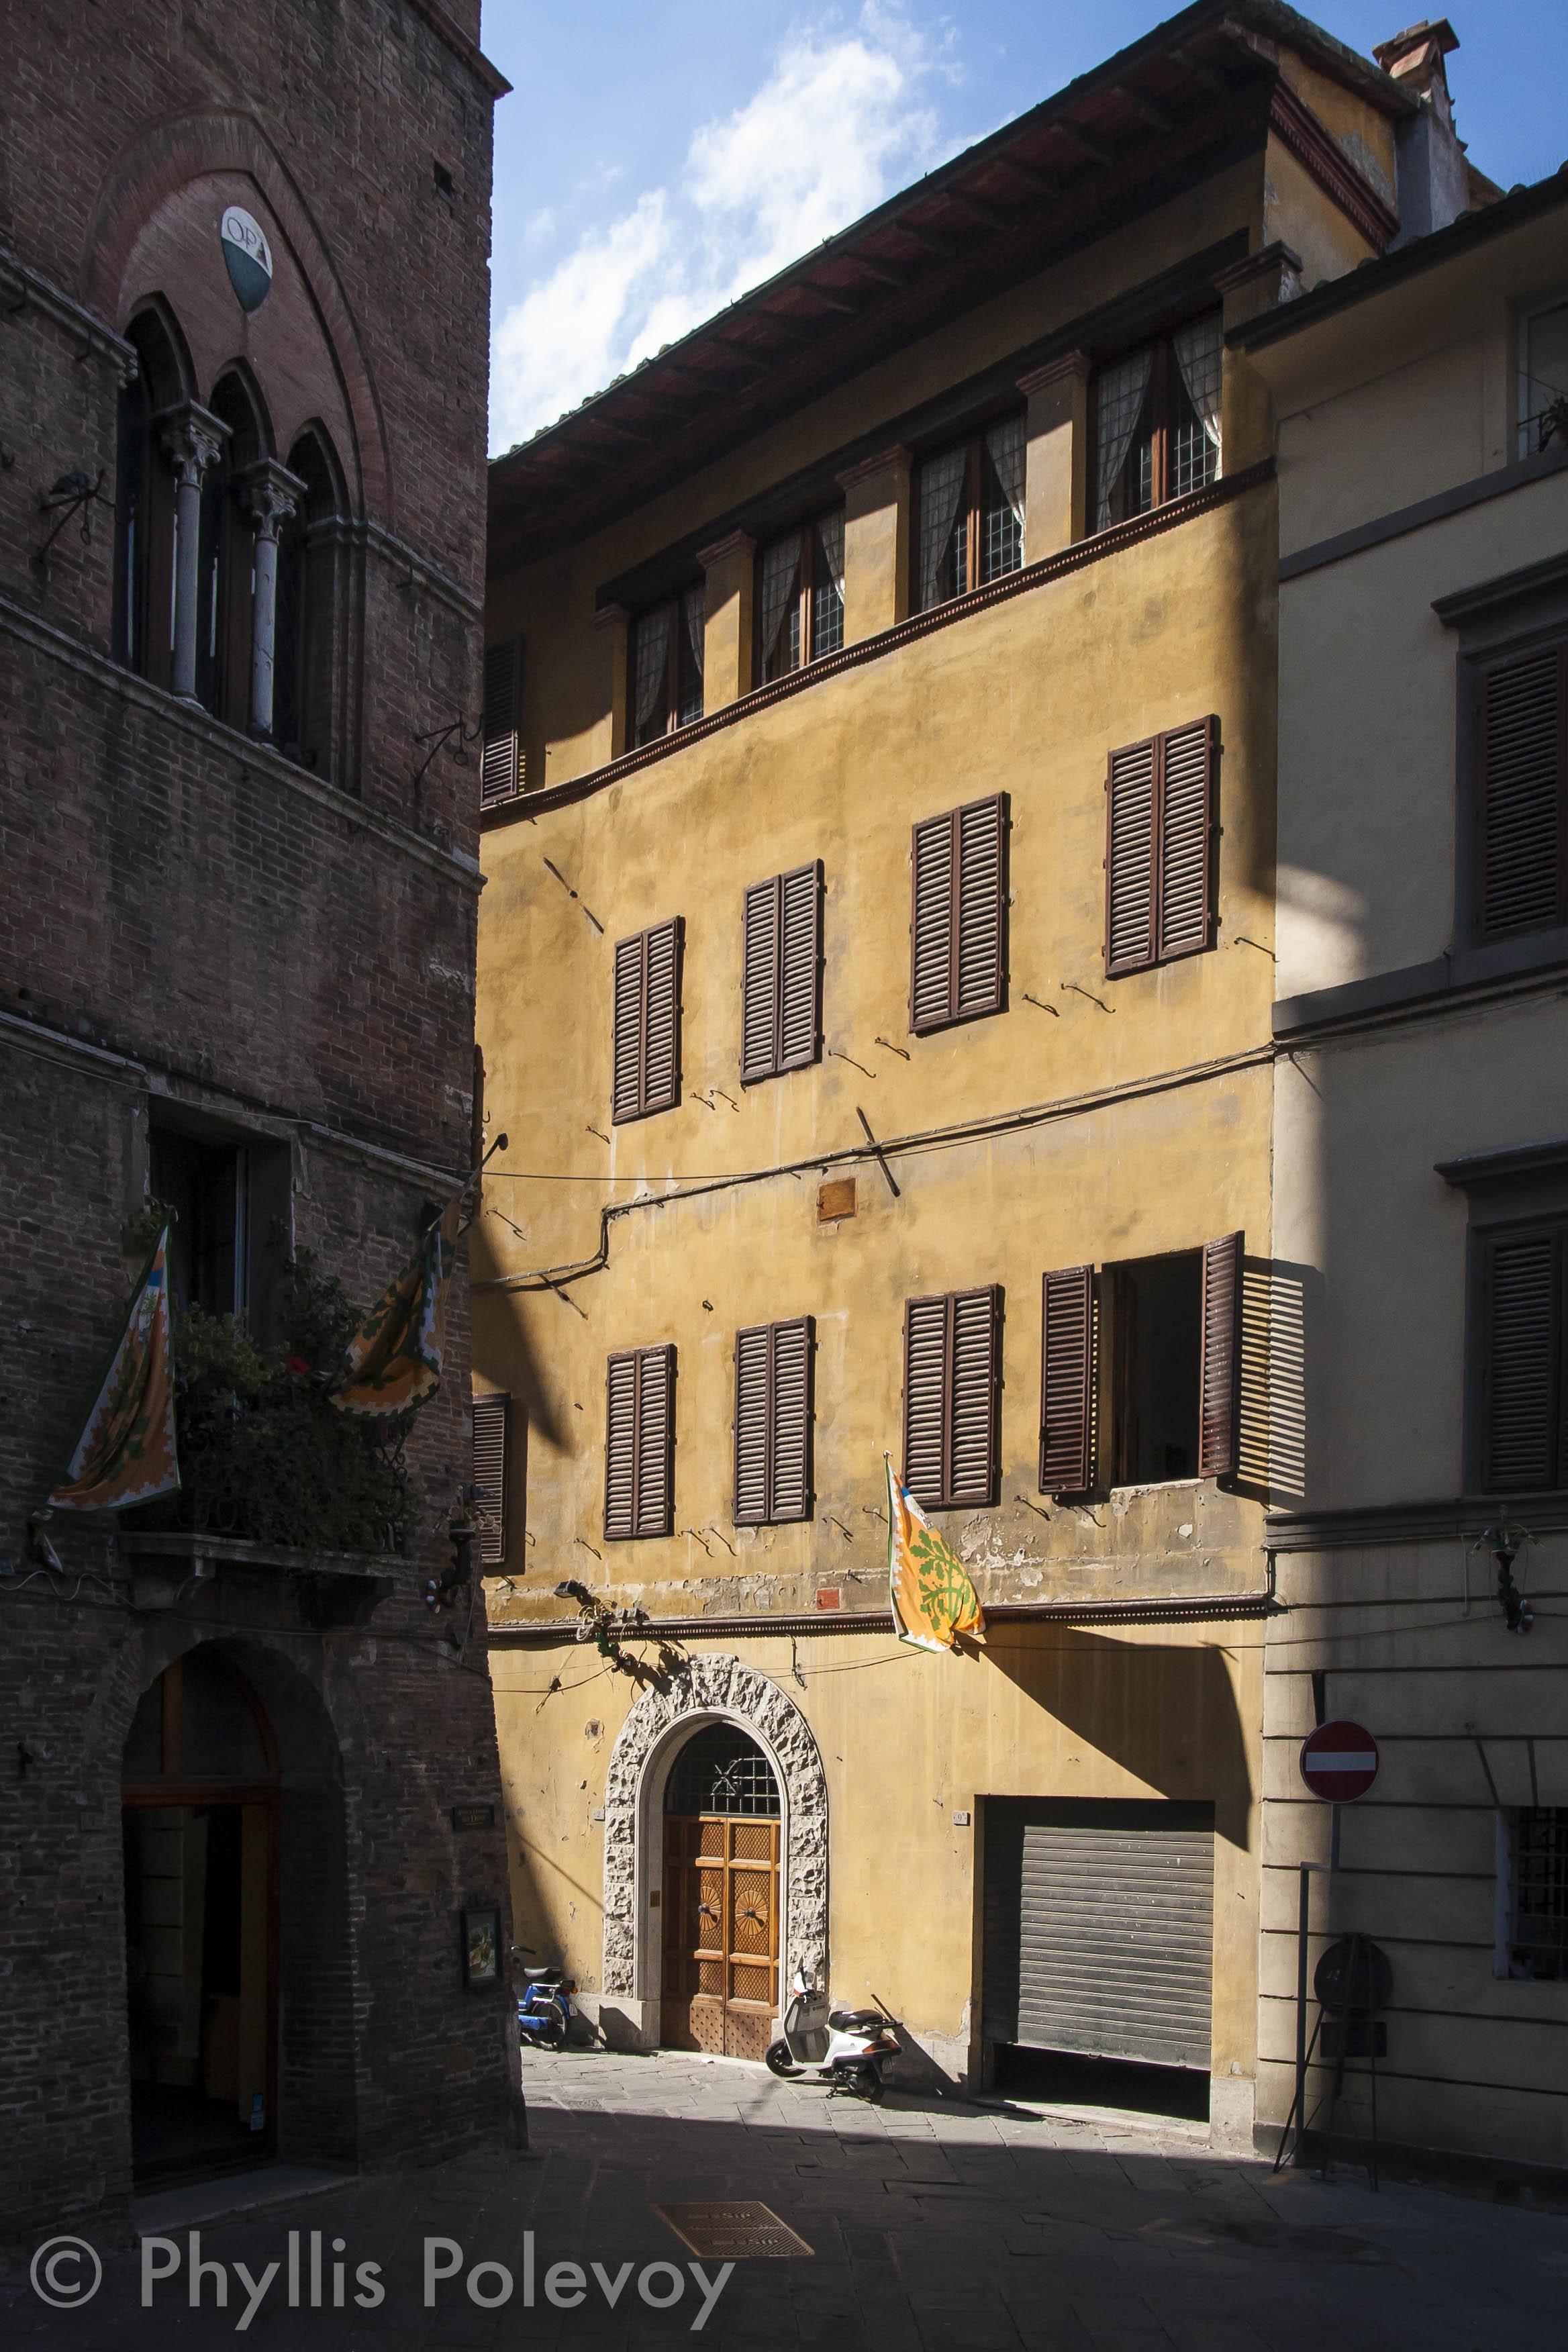 La Bella Toscana, #022